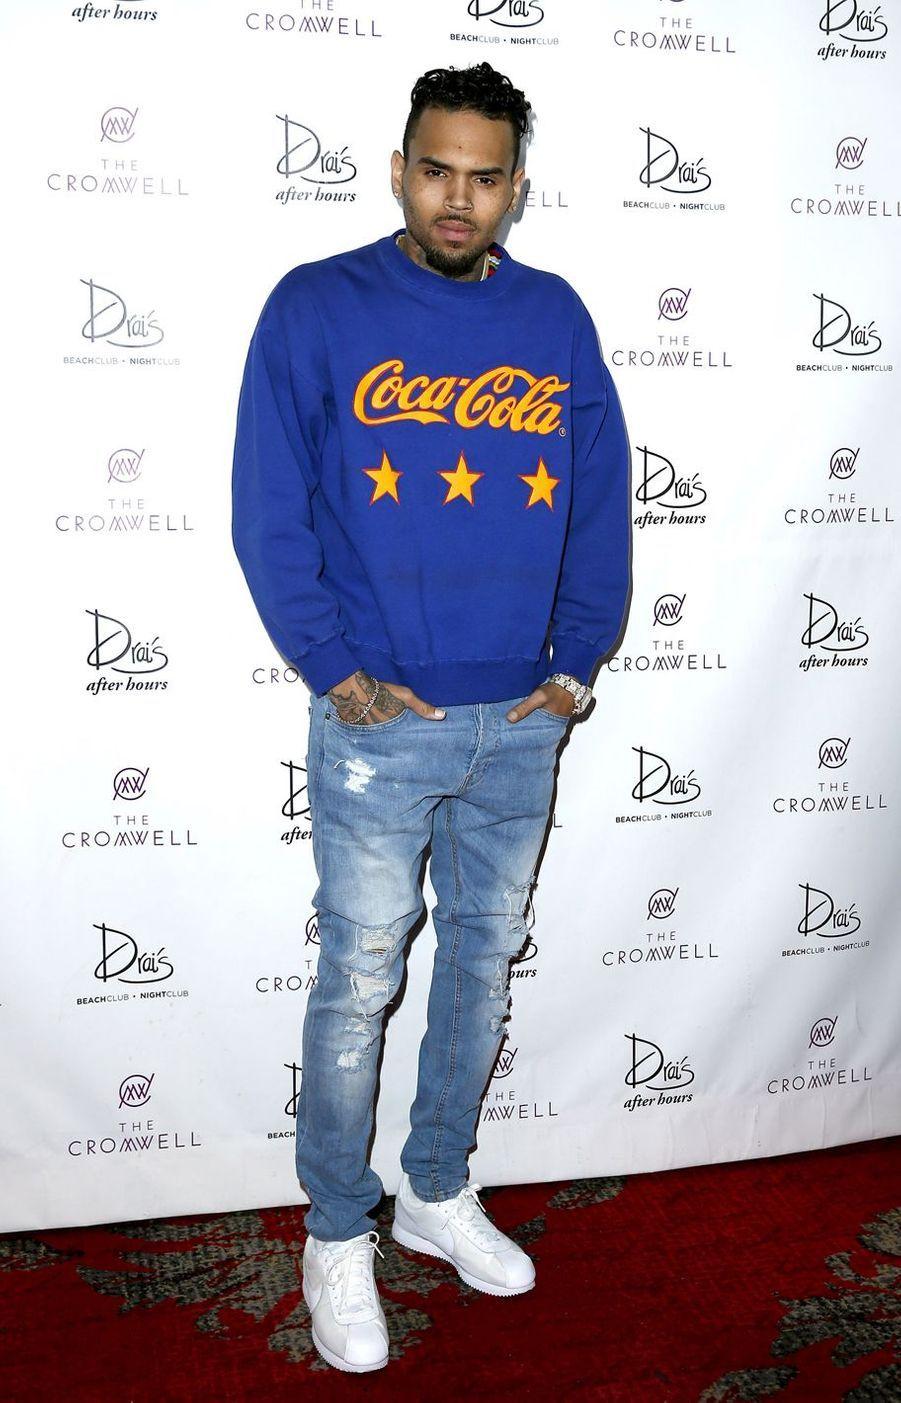 En 2013, Chris Brown est entré en cure de désintoxication pour tenter de maîtriser son comportement violent. En 2009, il avait violemment agressé sa compagne de l'époque, Rihanna.